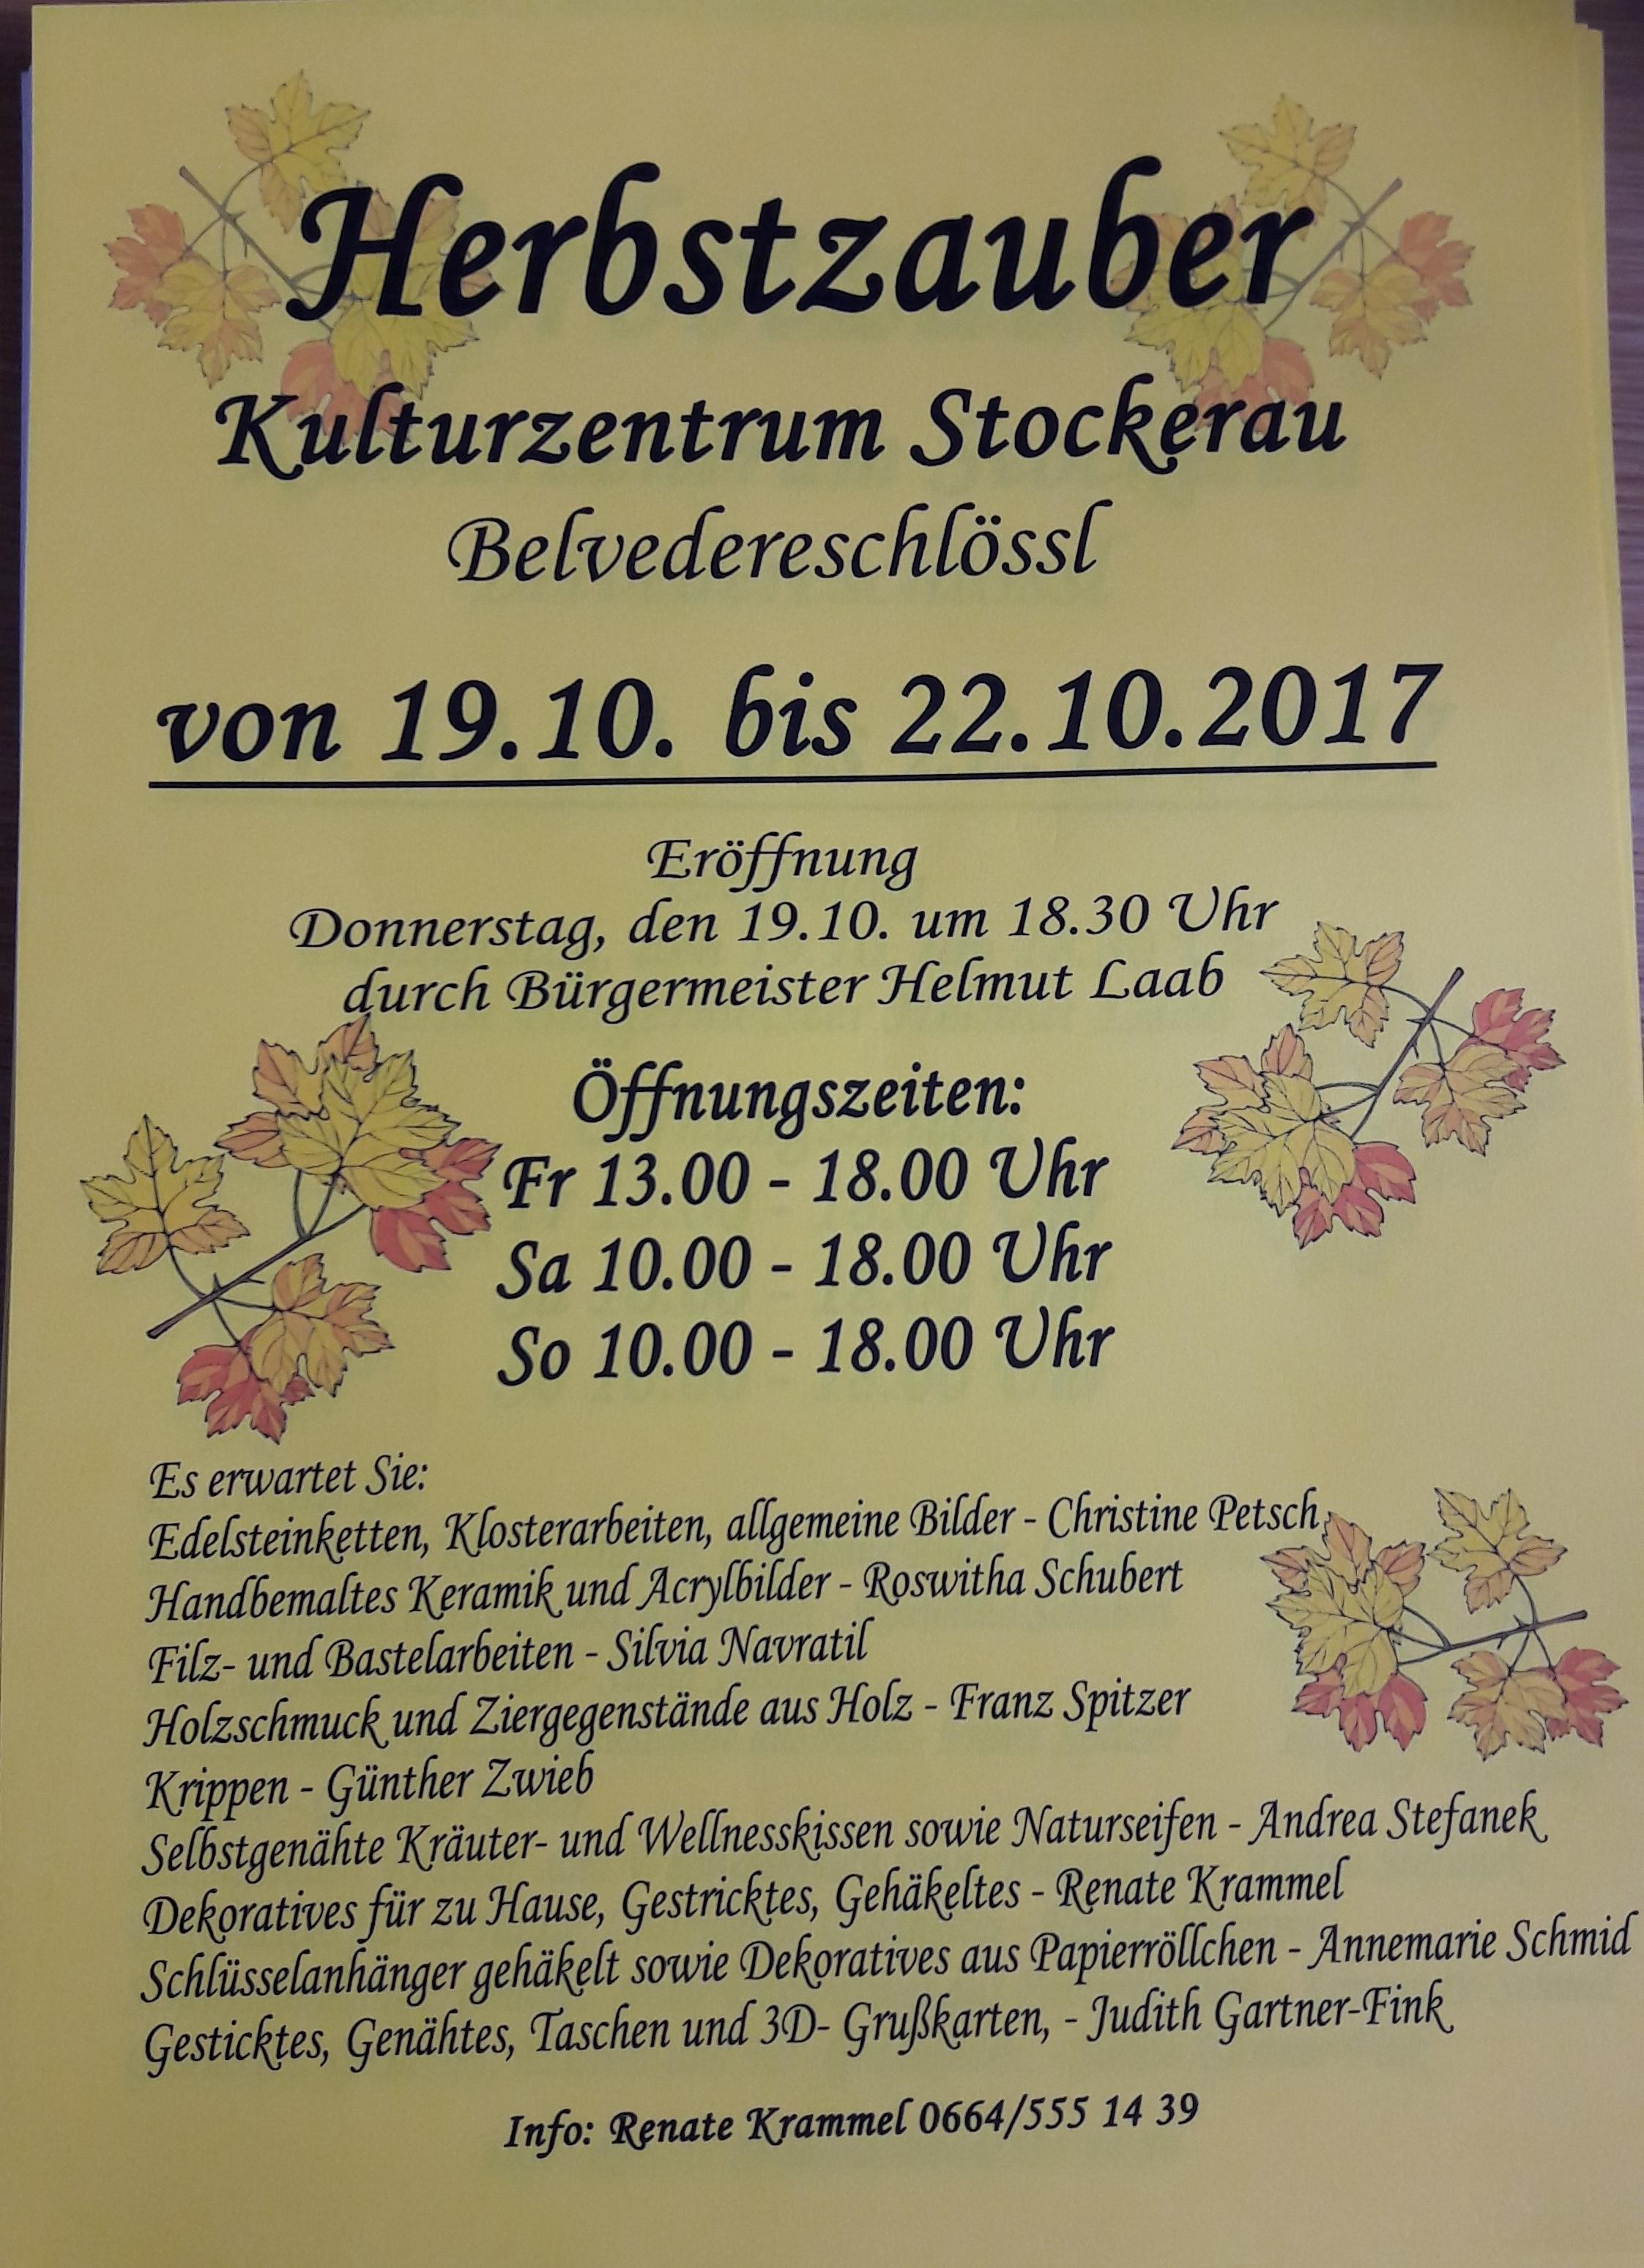 Holzkunst Spitzer und Krippenbau Zwieb beim Herbstzauber 2017